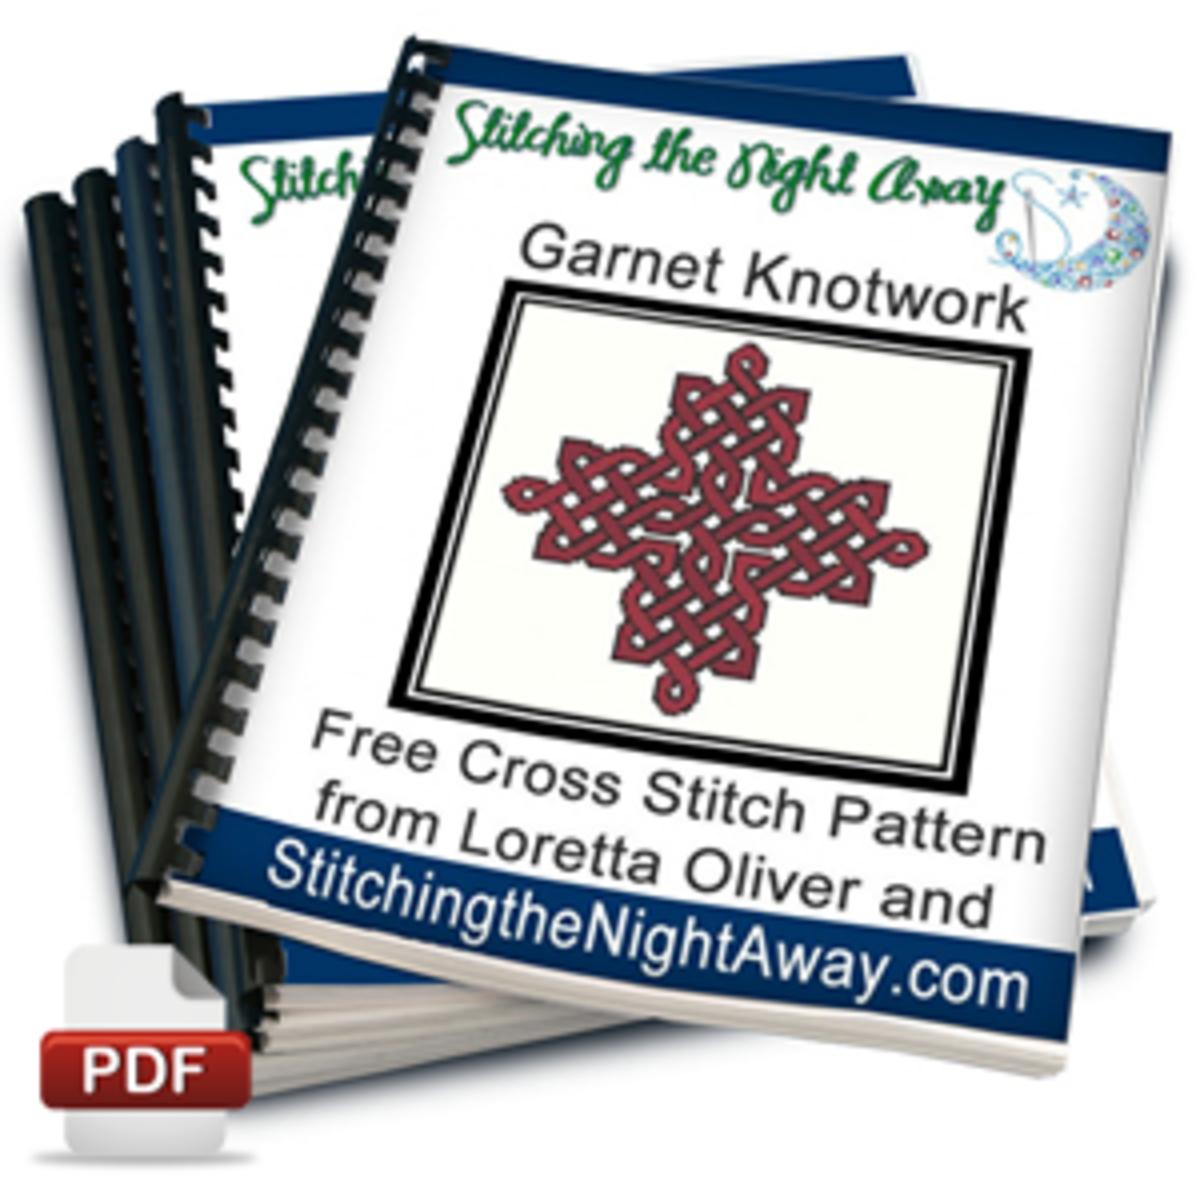 free-cross-stitch-patterns